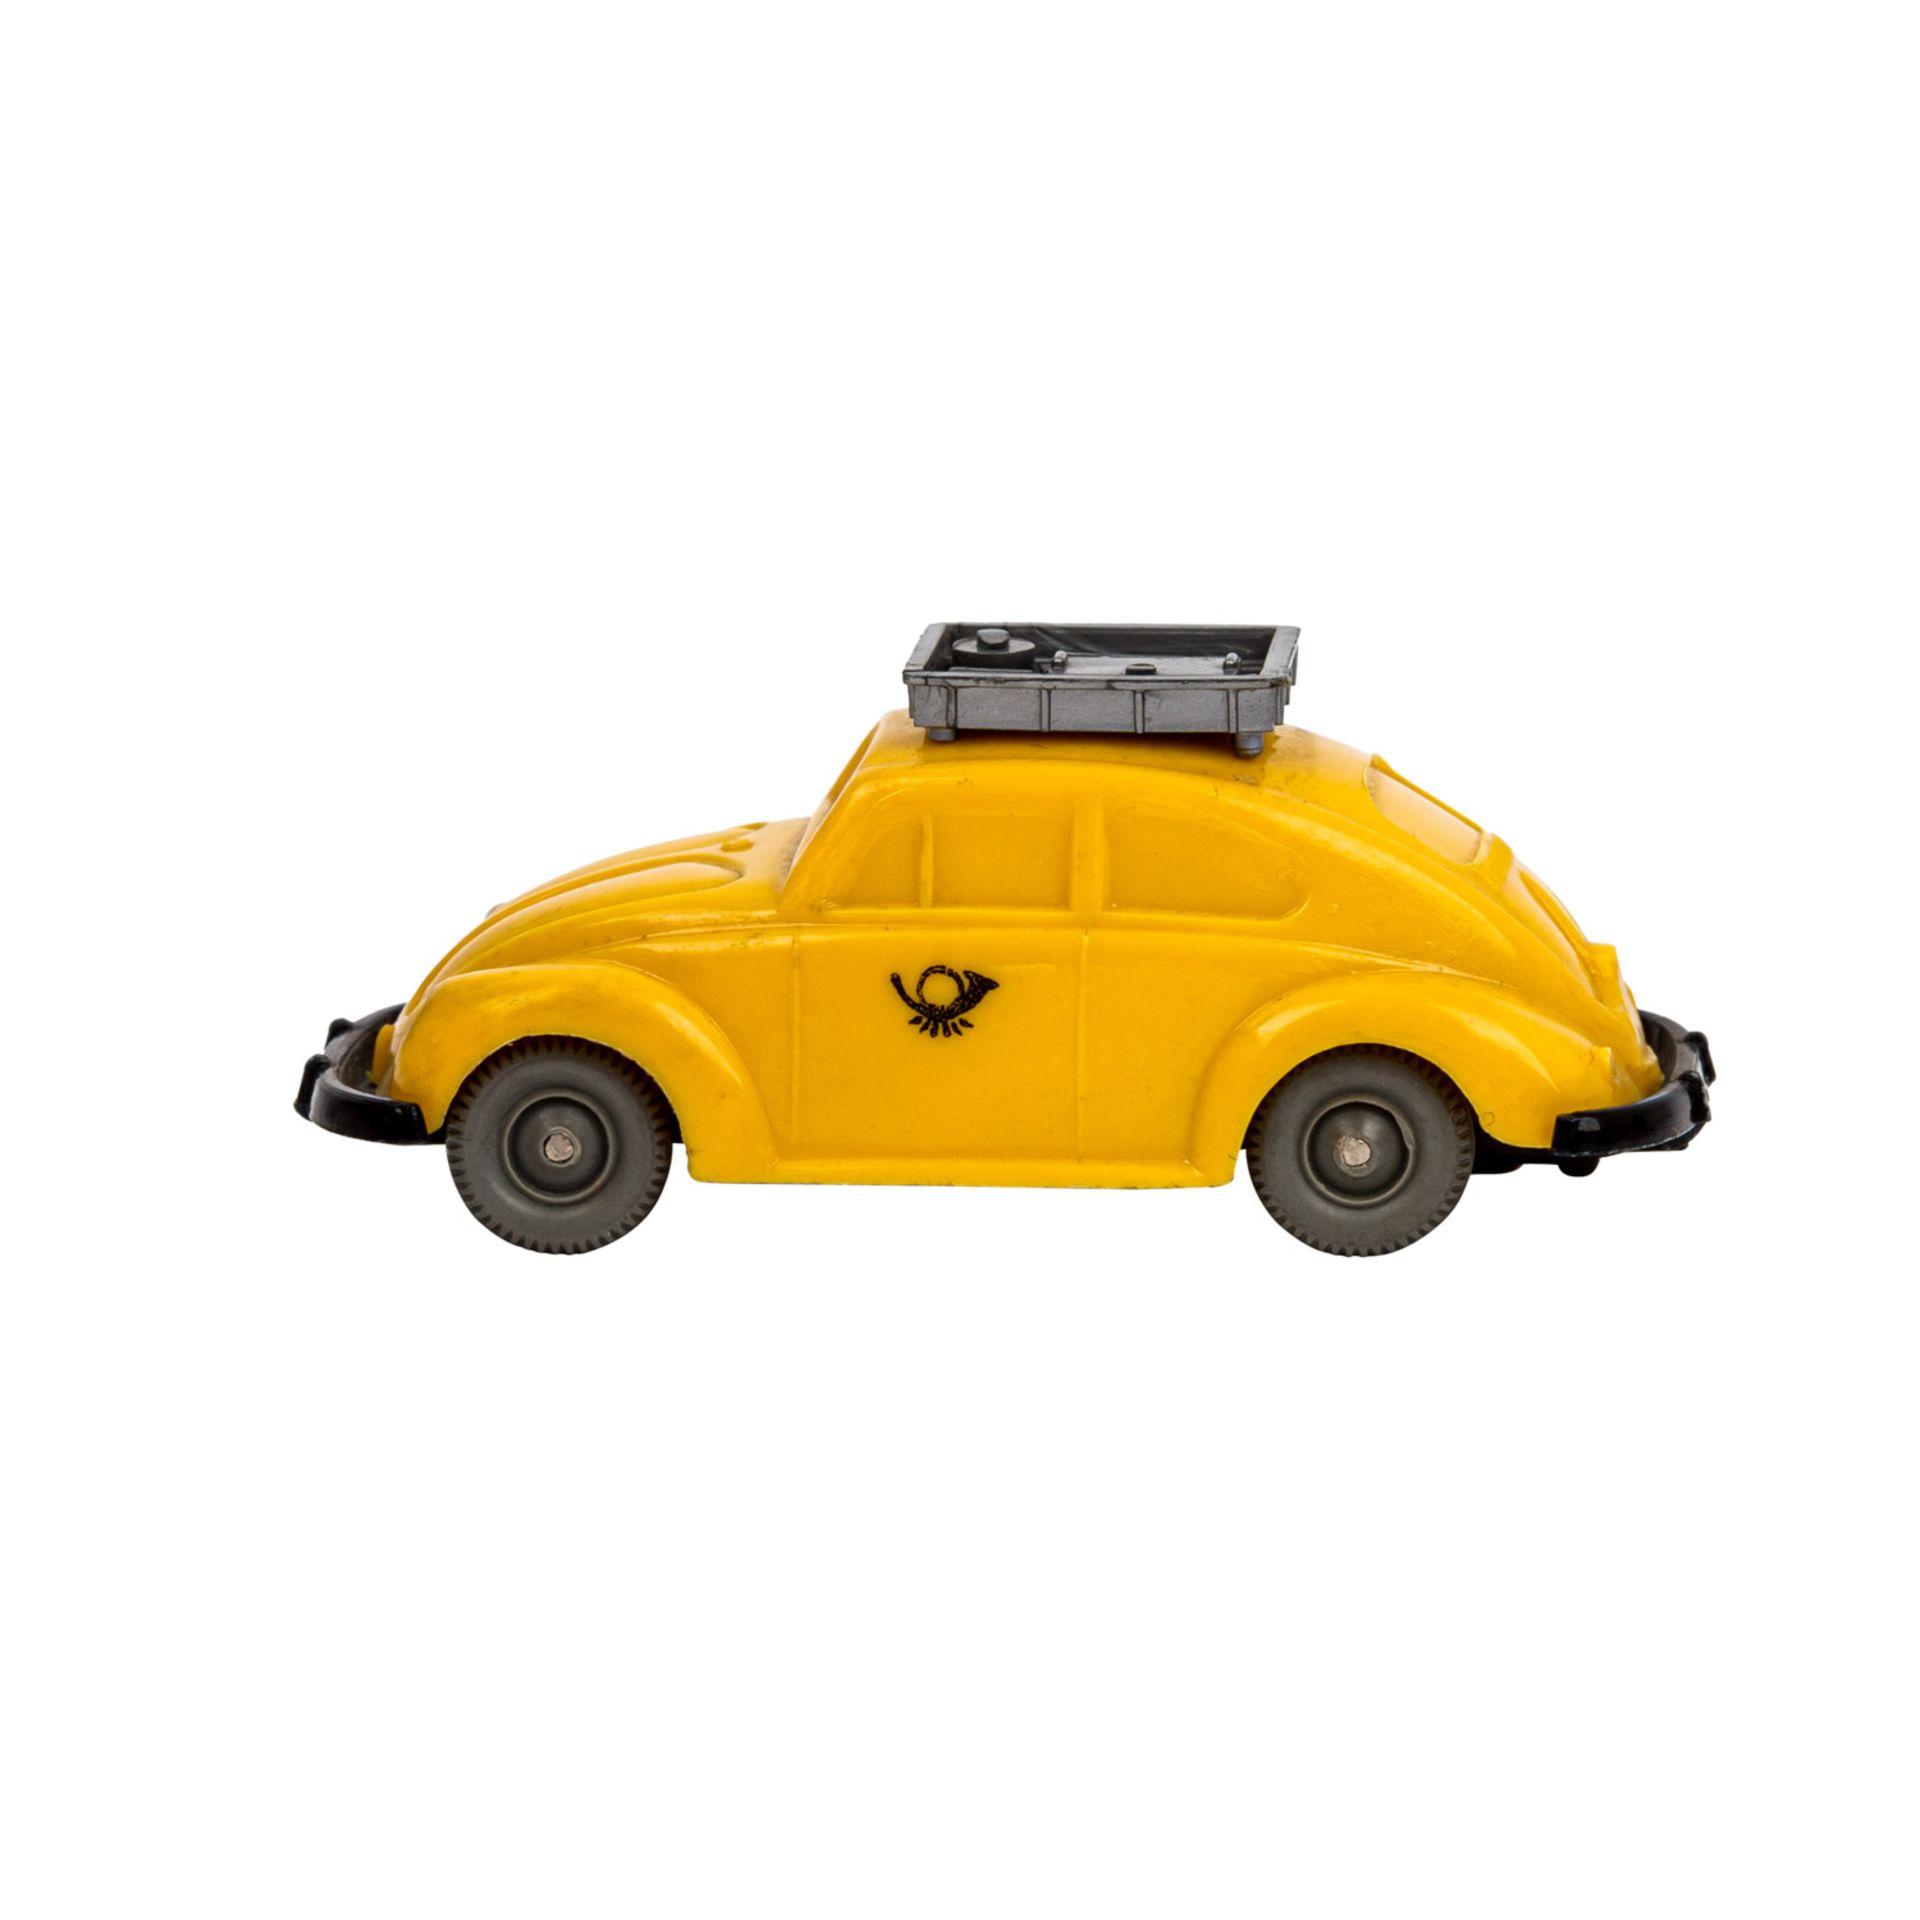 WIKING VW Käfer 'Postwagen', 1963-67,unverglaster Rollachser, gelbe Karosserie mit si - Image 2 of 5